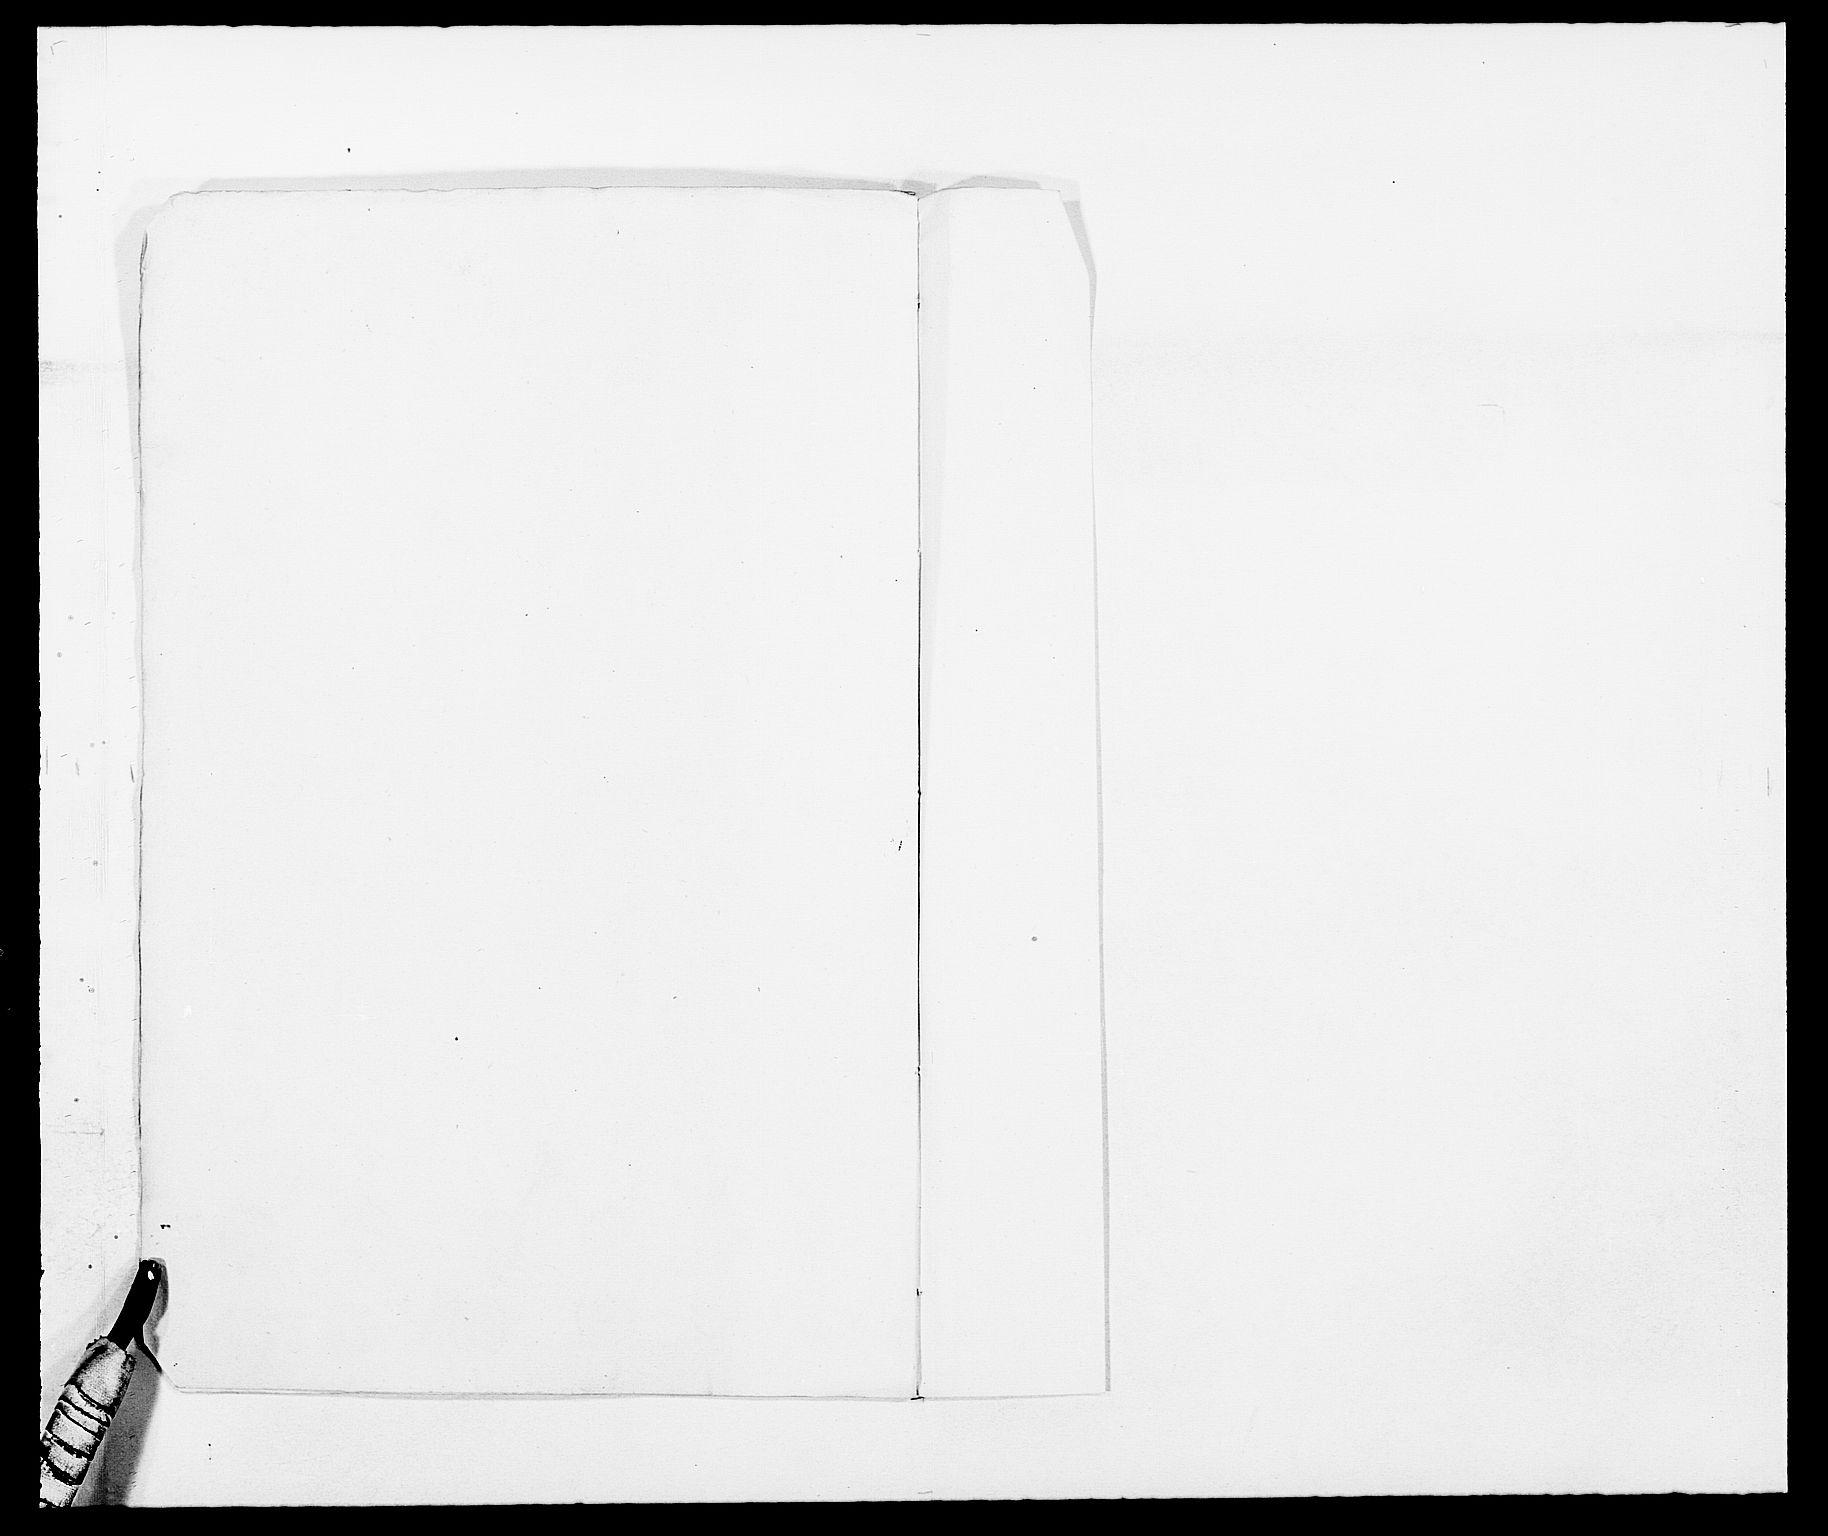 RA, Rentekammeret inntil 1814, Reviderte regnskaper, Fogderegnskap, R08/L0422: Fogderegnskap Aker, 1684-1686, s. 283